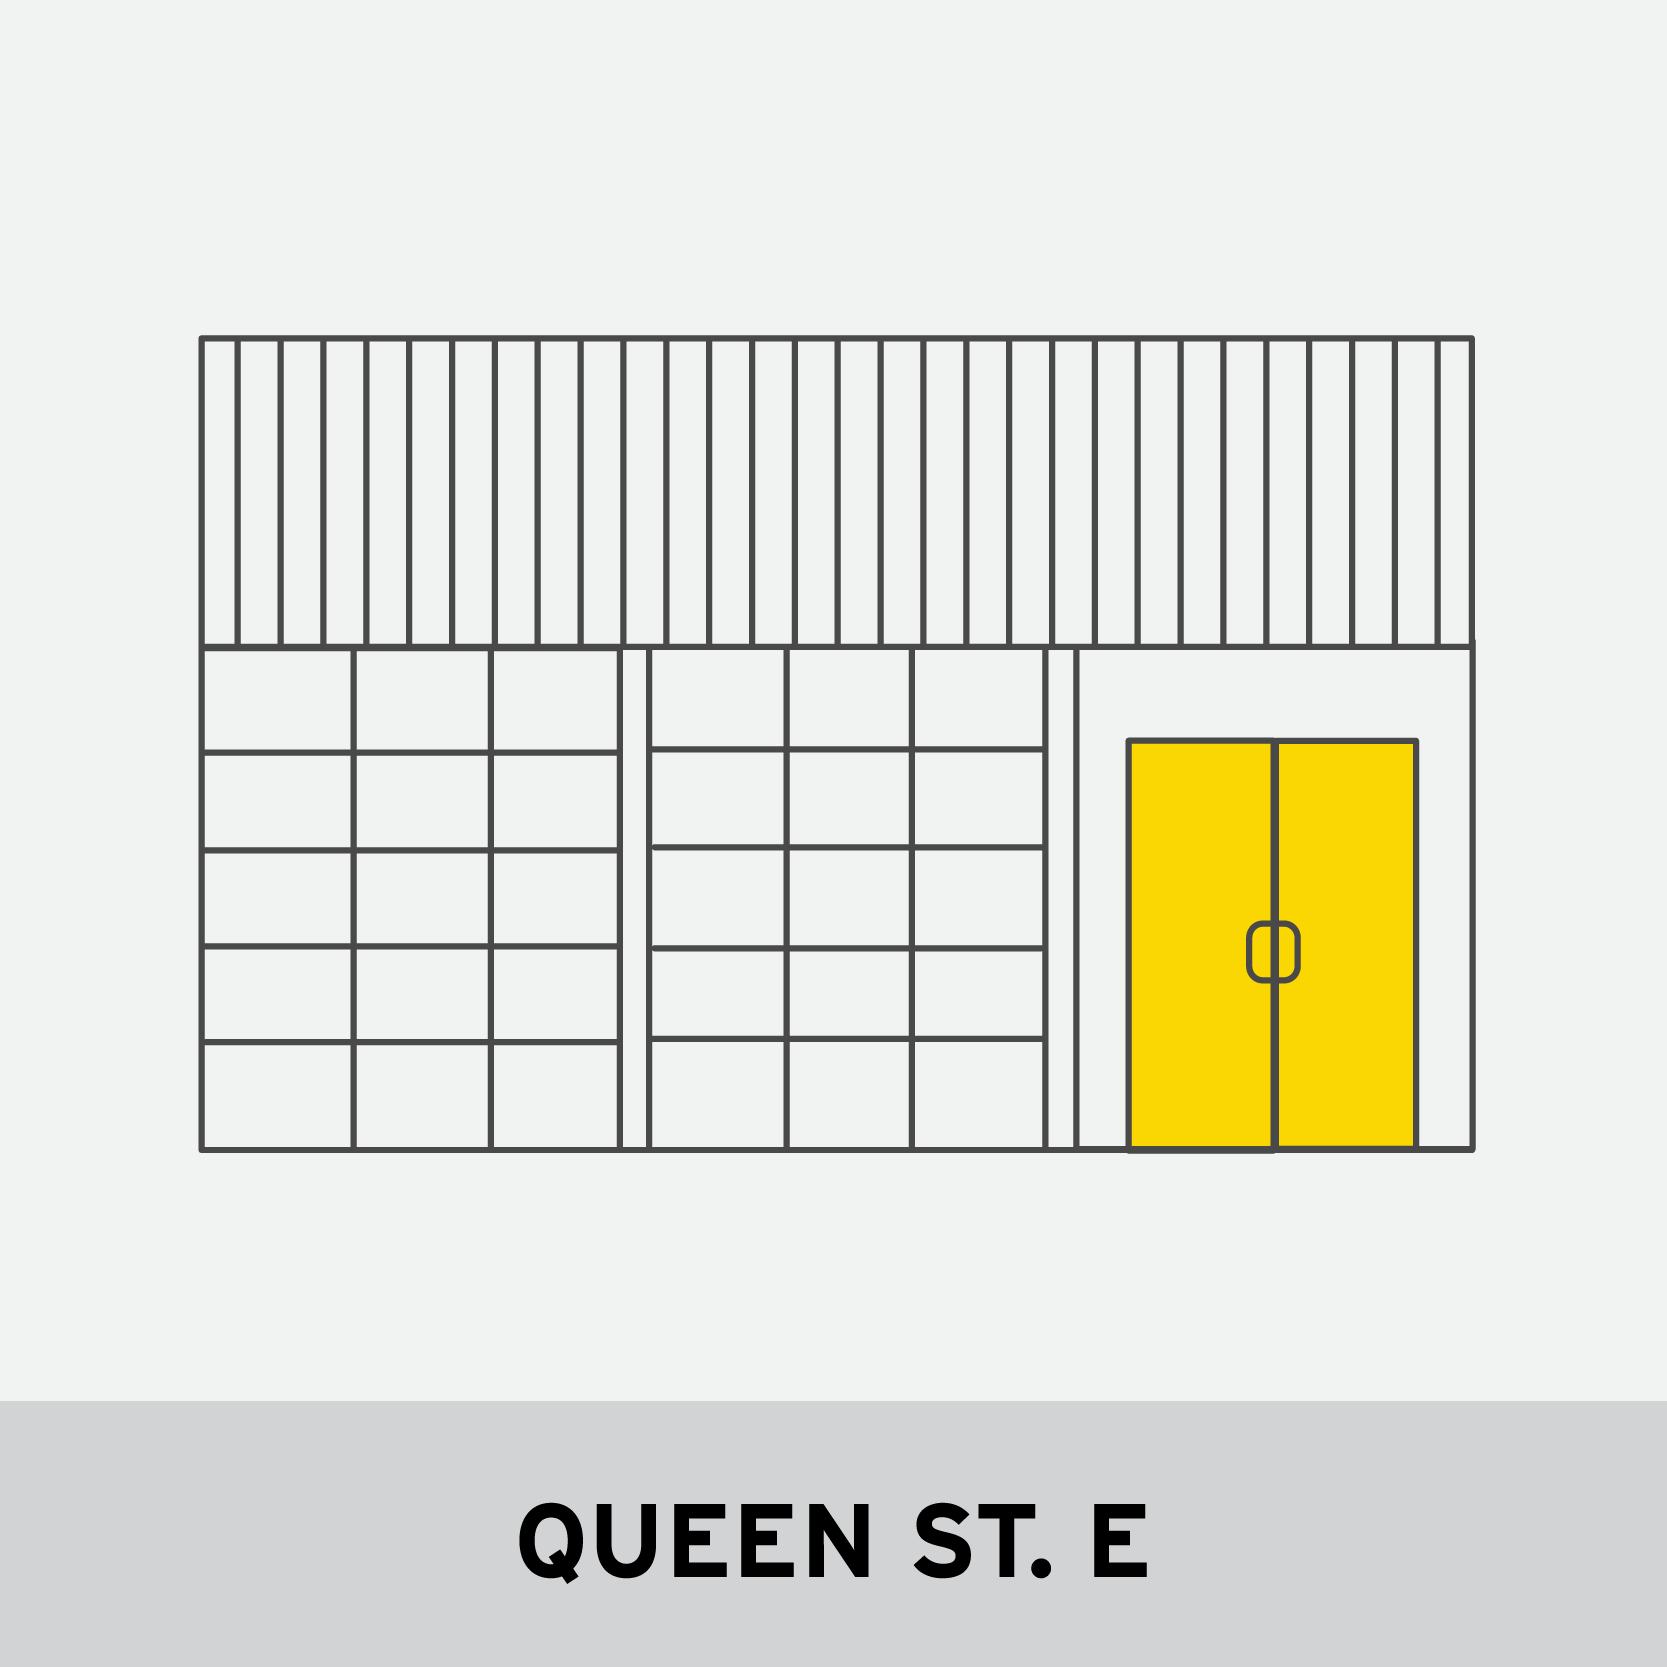 QUEEN ST. E